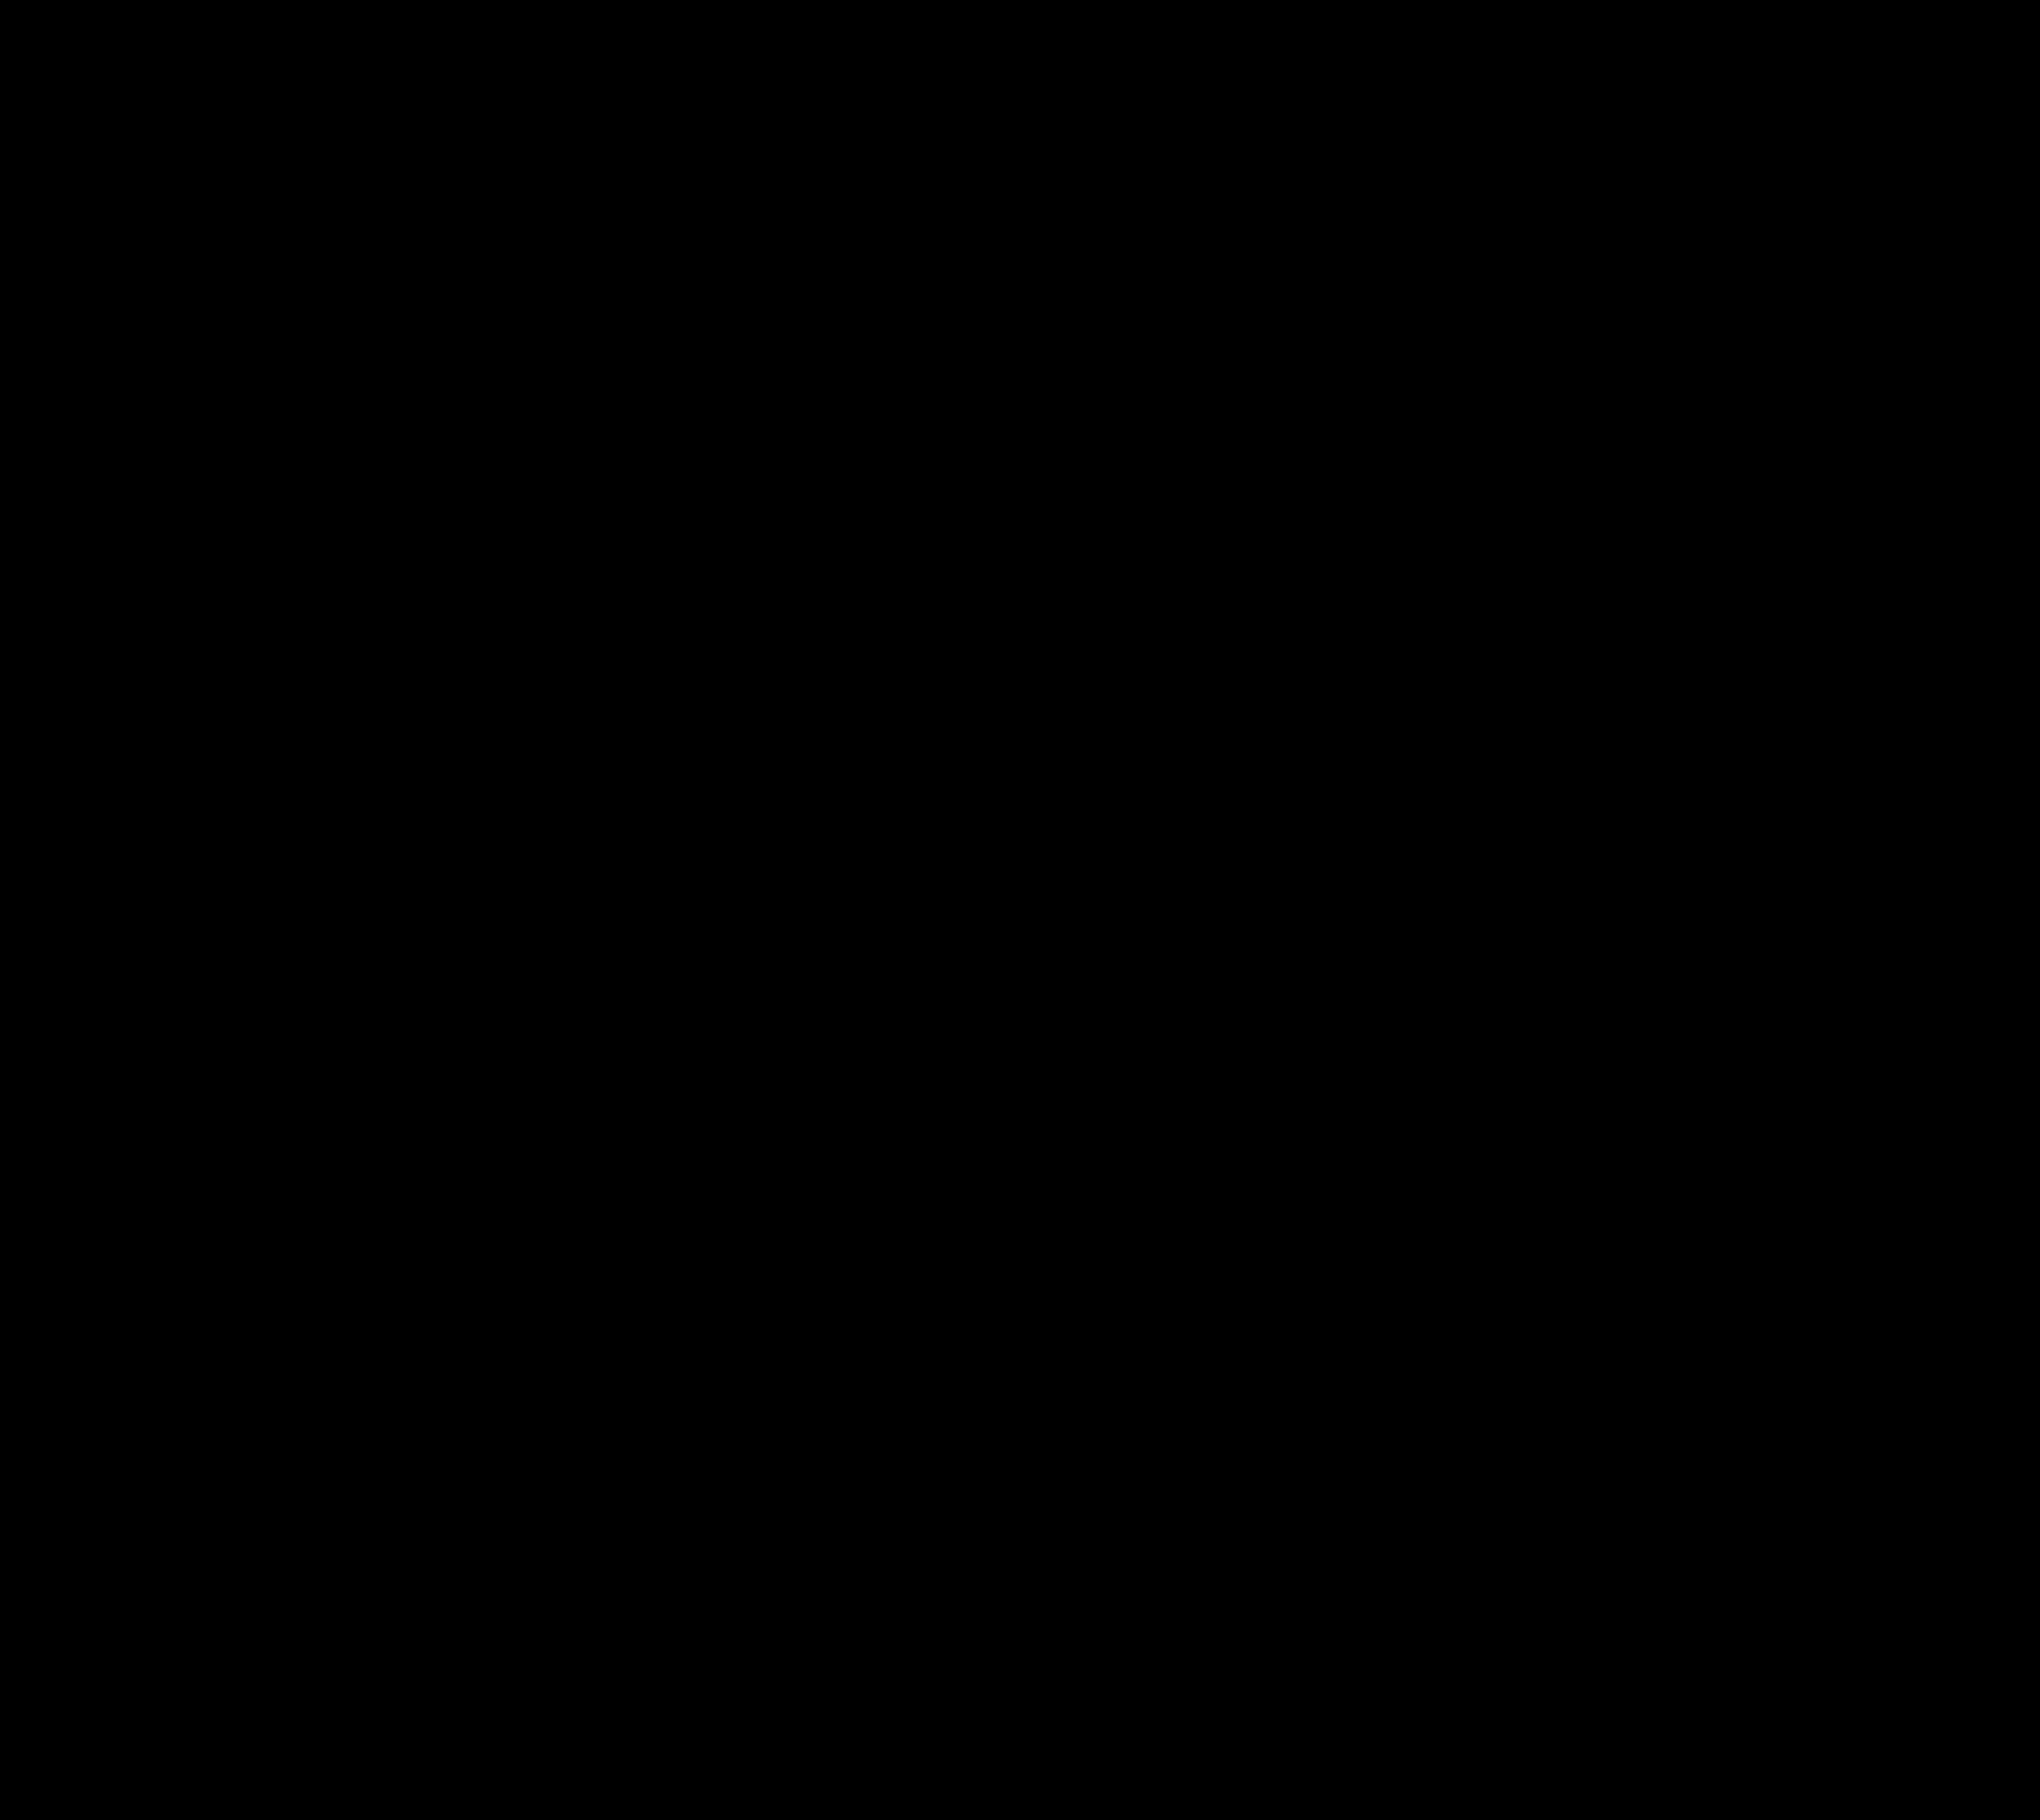 COFRE TRIPLE LIPID + RETINOL 0.3 -25% DESCUENTO